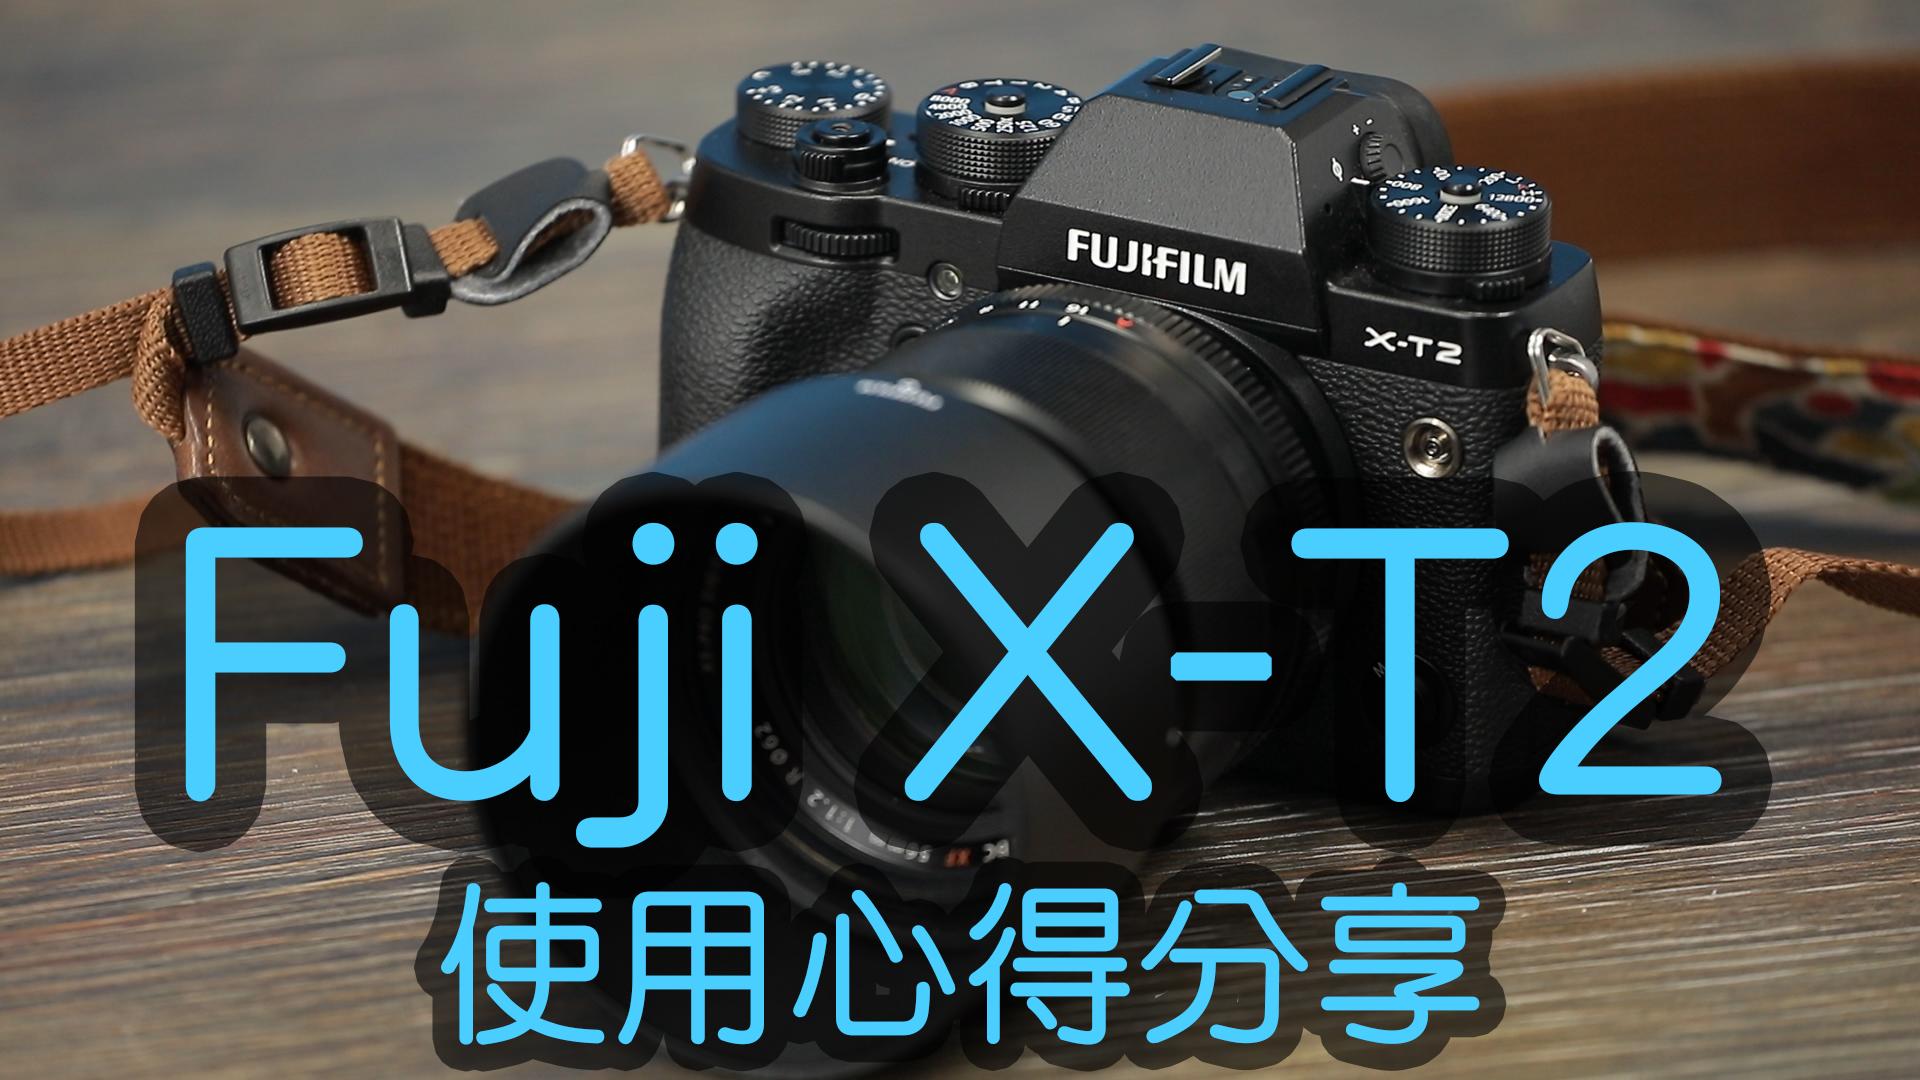 2017.05.22該怎麼選-阿峰-富士XT2youtube封面.jpg